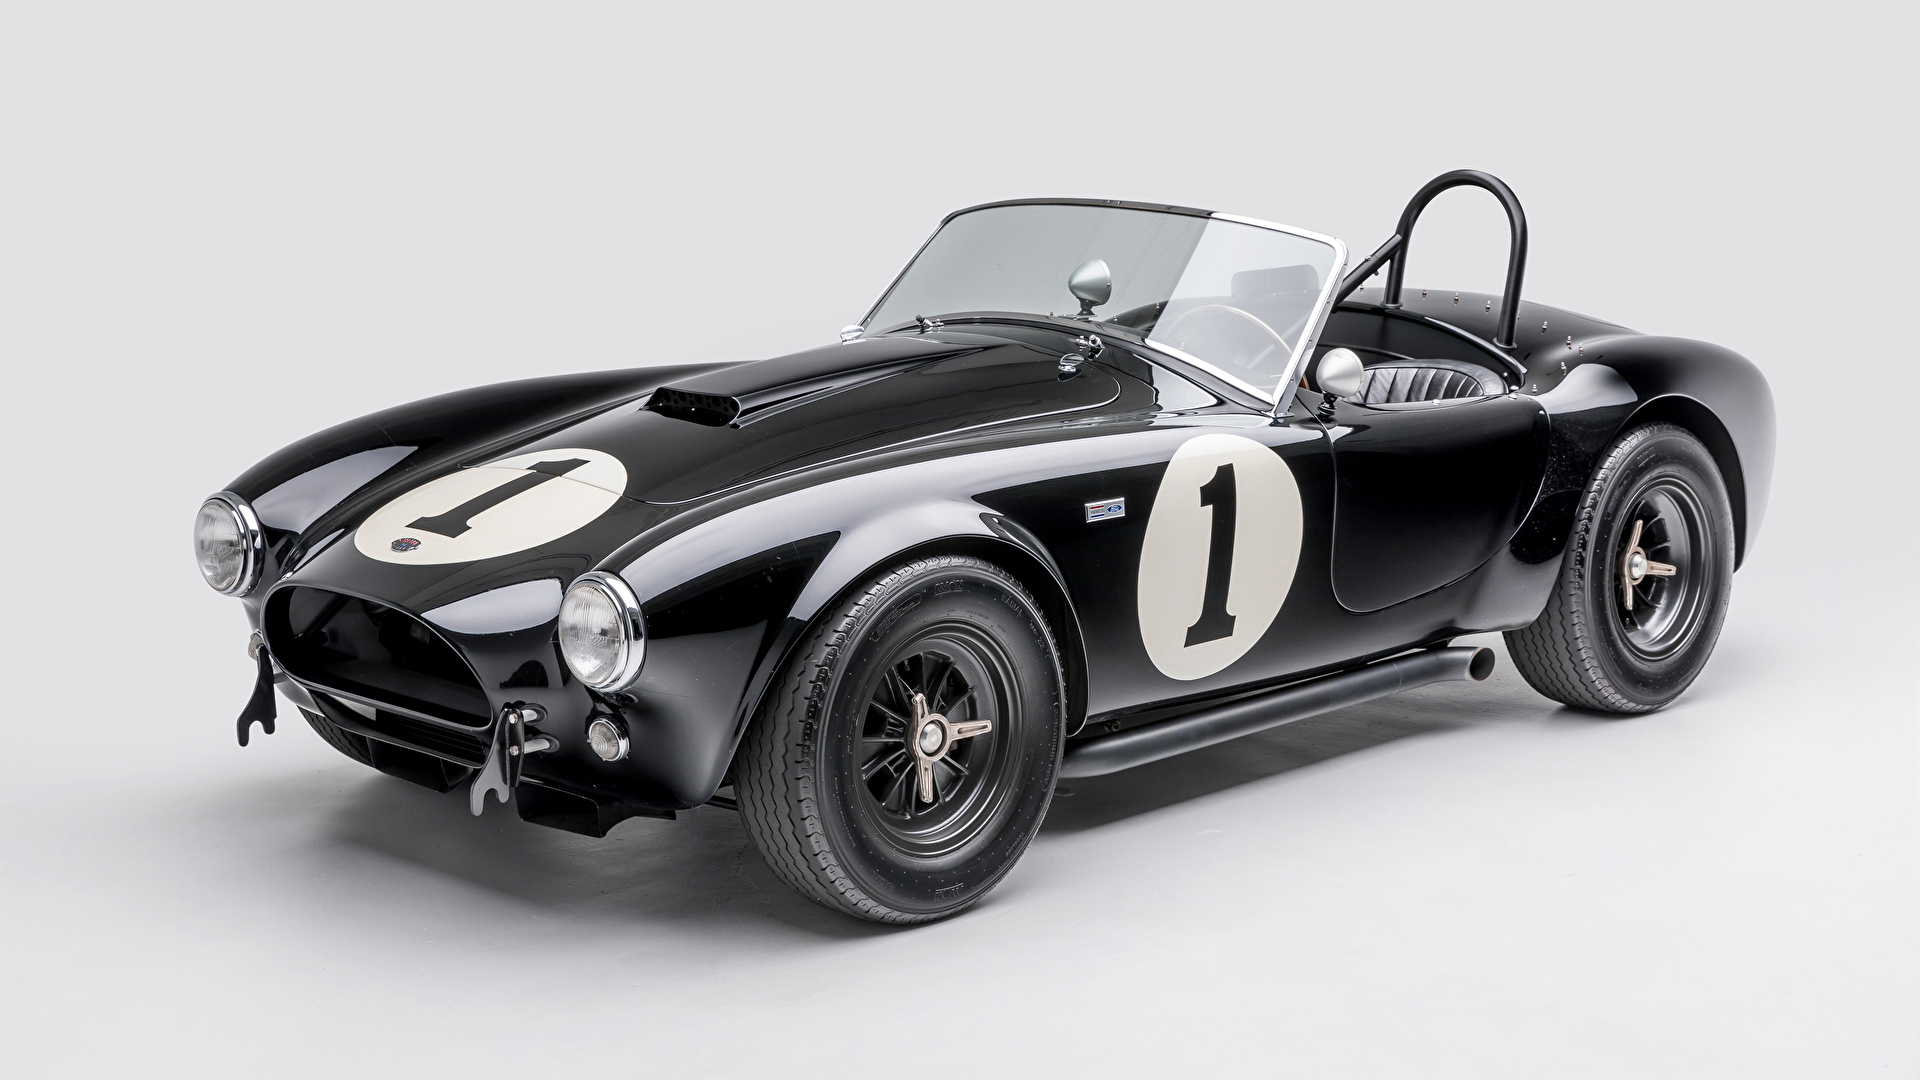 Фотографии Shelby Super Cars 1962 Shelby Cobra 289 Кабриолет Ретро черные Металлик Автомобили сером фоне 1920x1080 SSC кабриолета черных Черный черная винтаж старинные авто машина машины автомобиль Серый фон